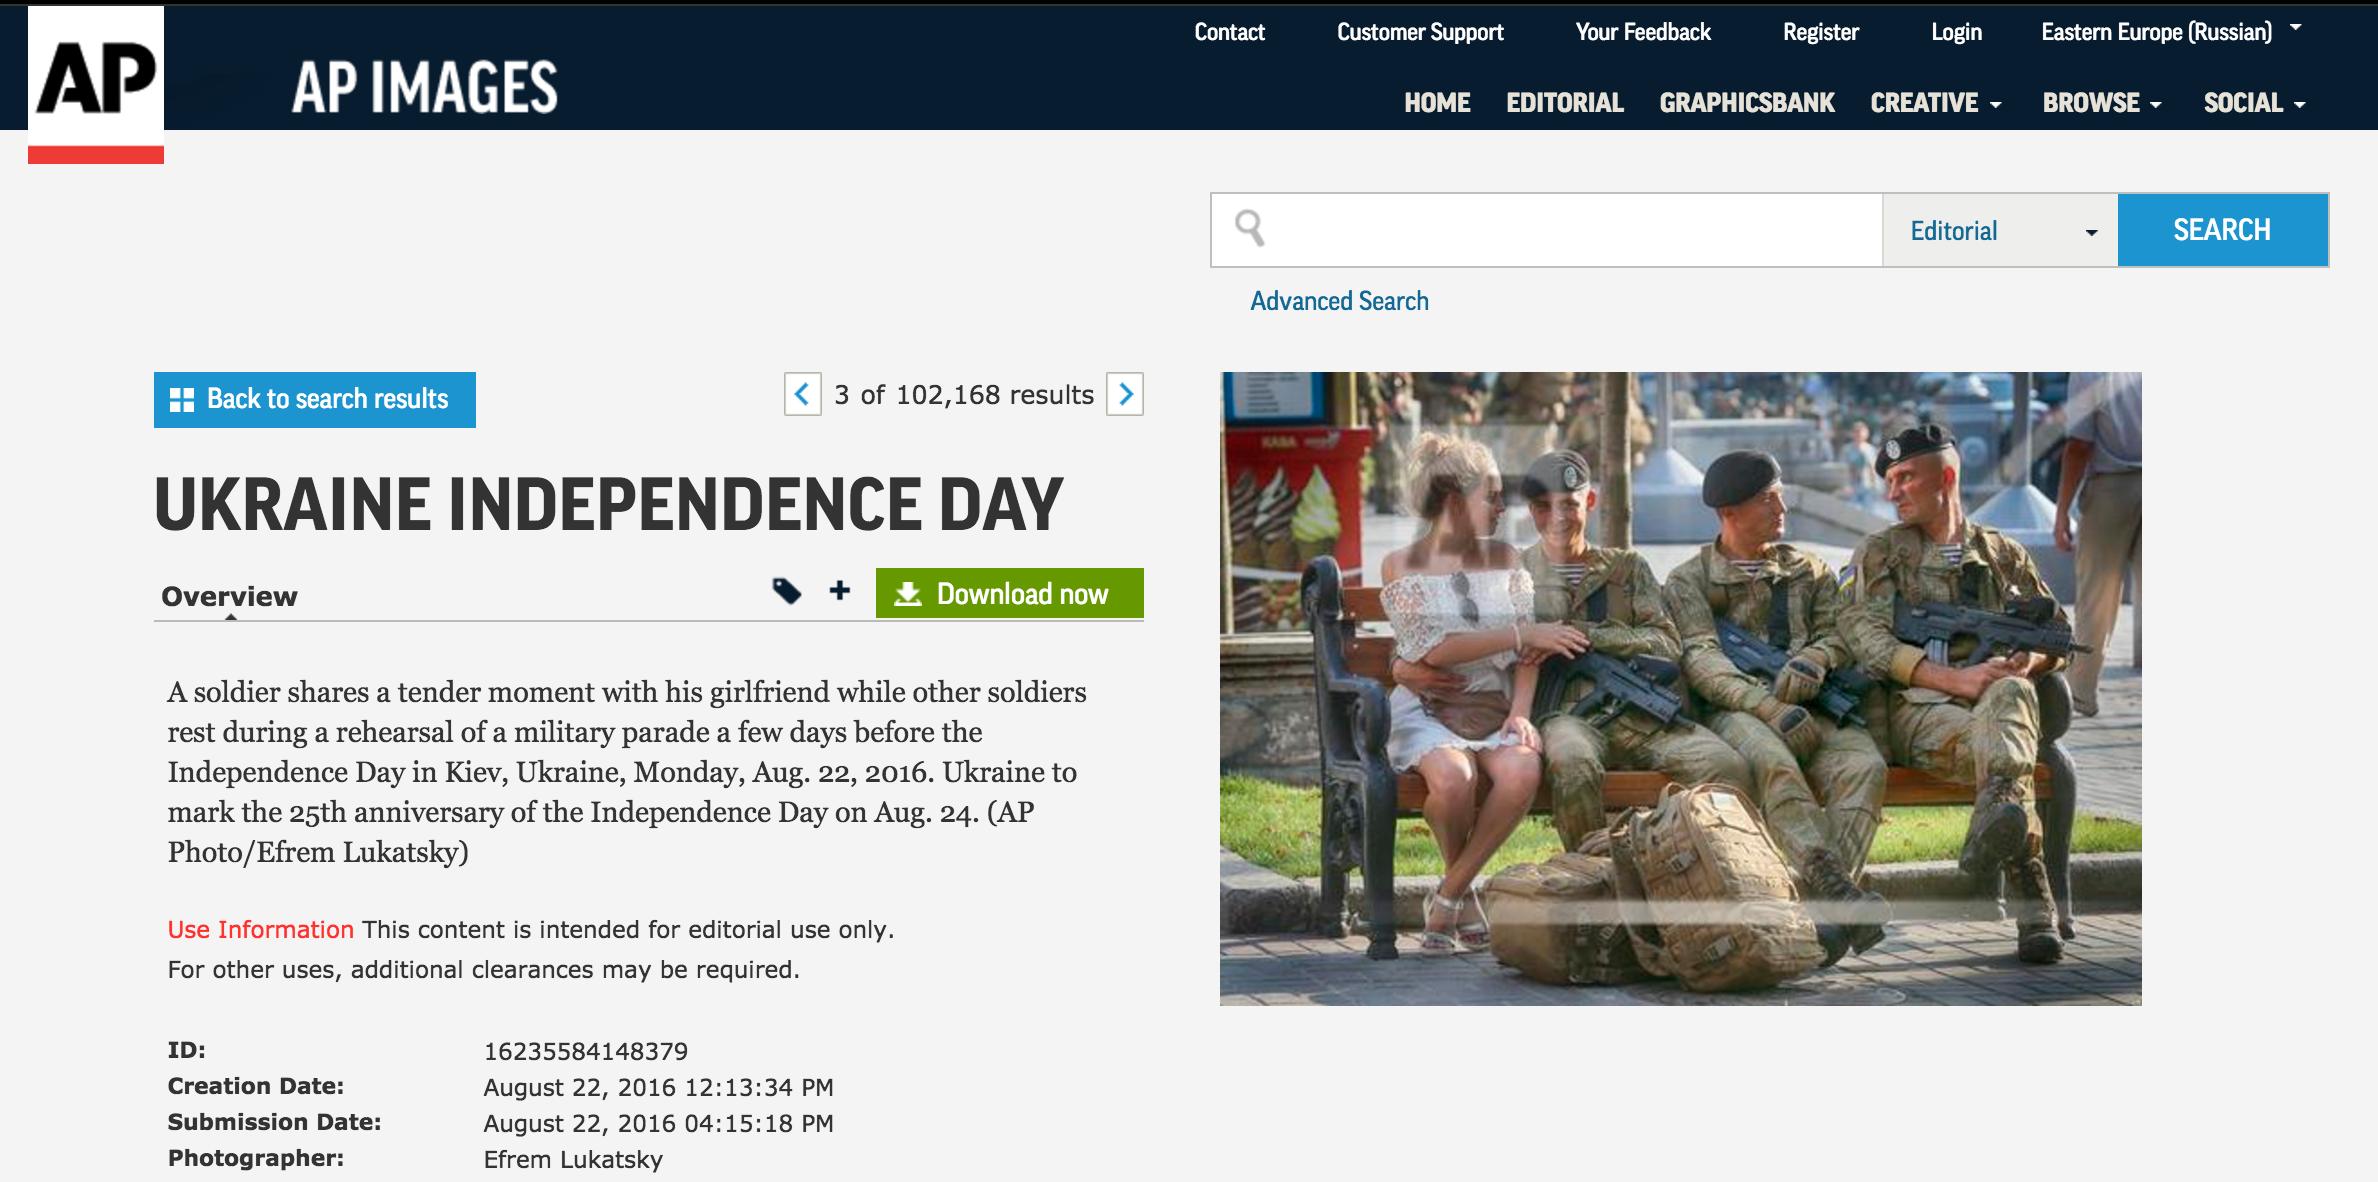 Сторінка сайту американського інформаційного агентства Associated Press за 22 серпня 2016 року. Скриншот екрана.